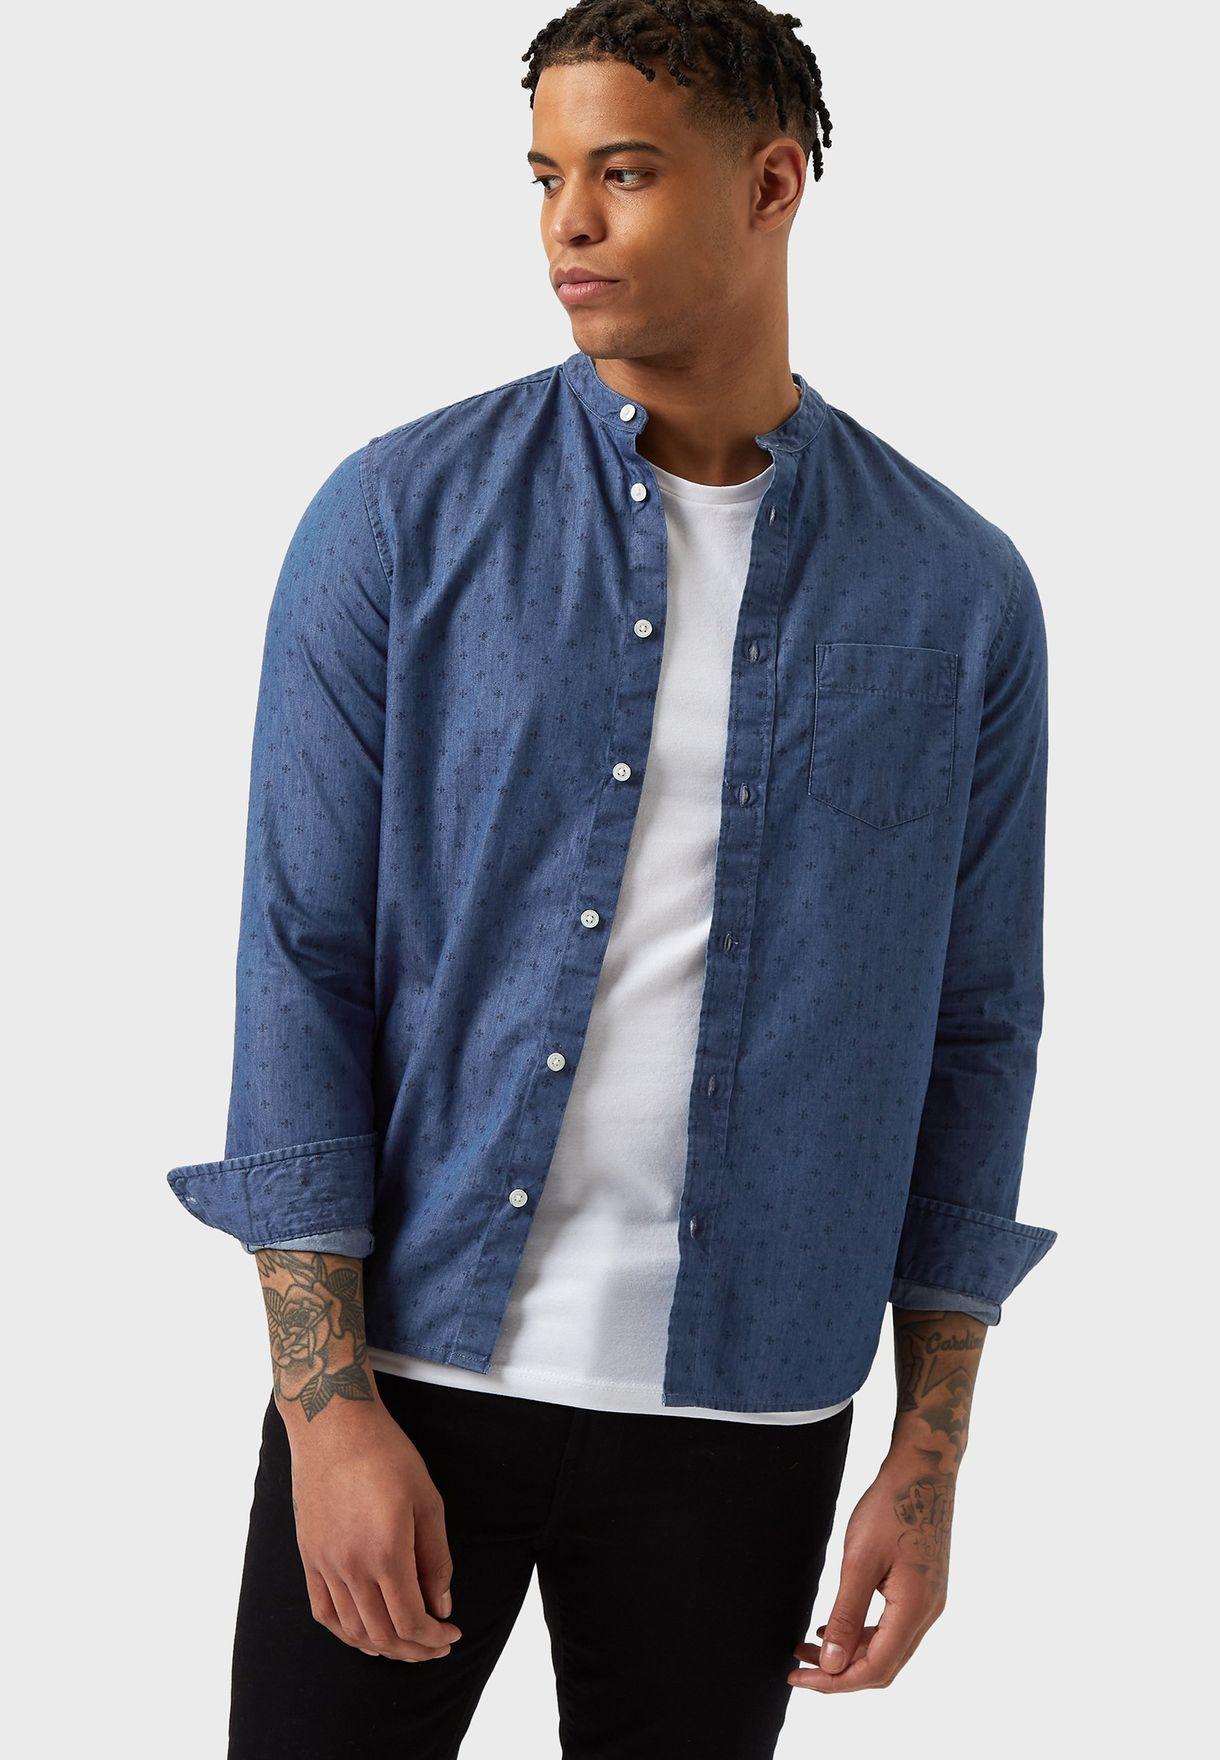 قميص جينز بياقة عالية